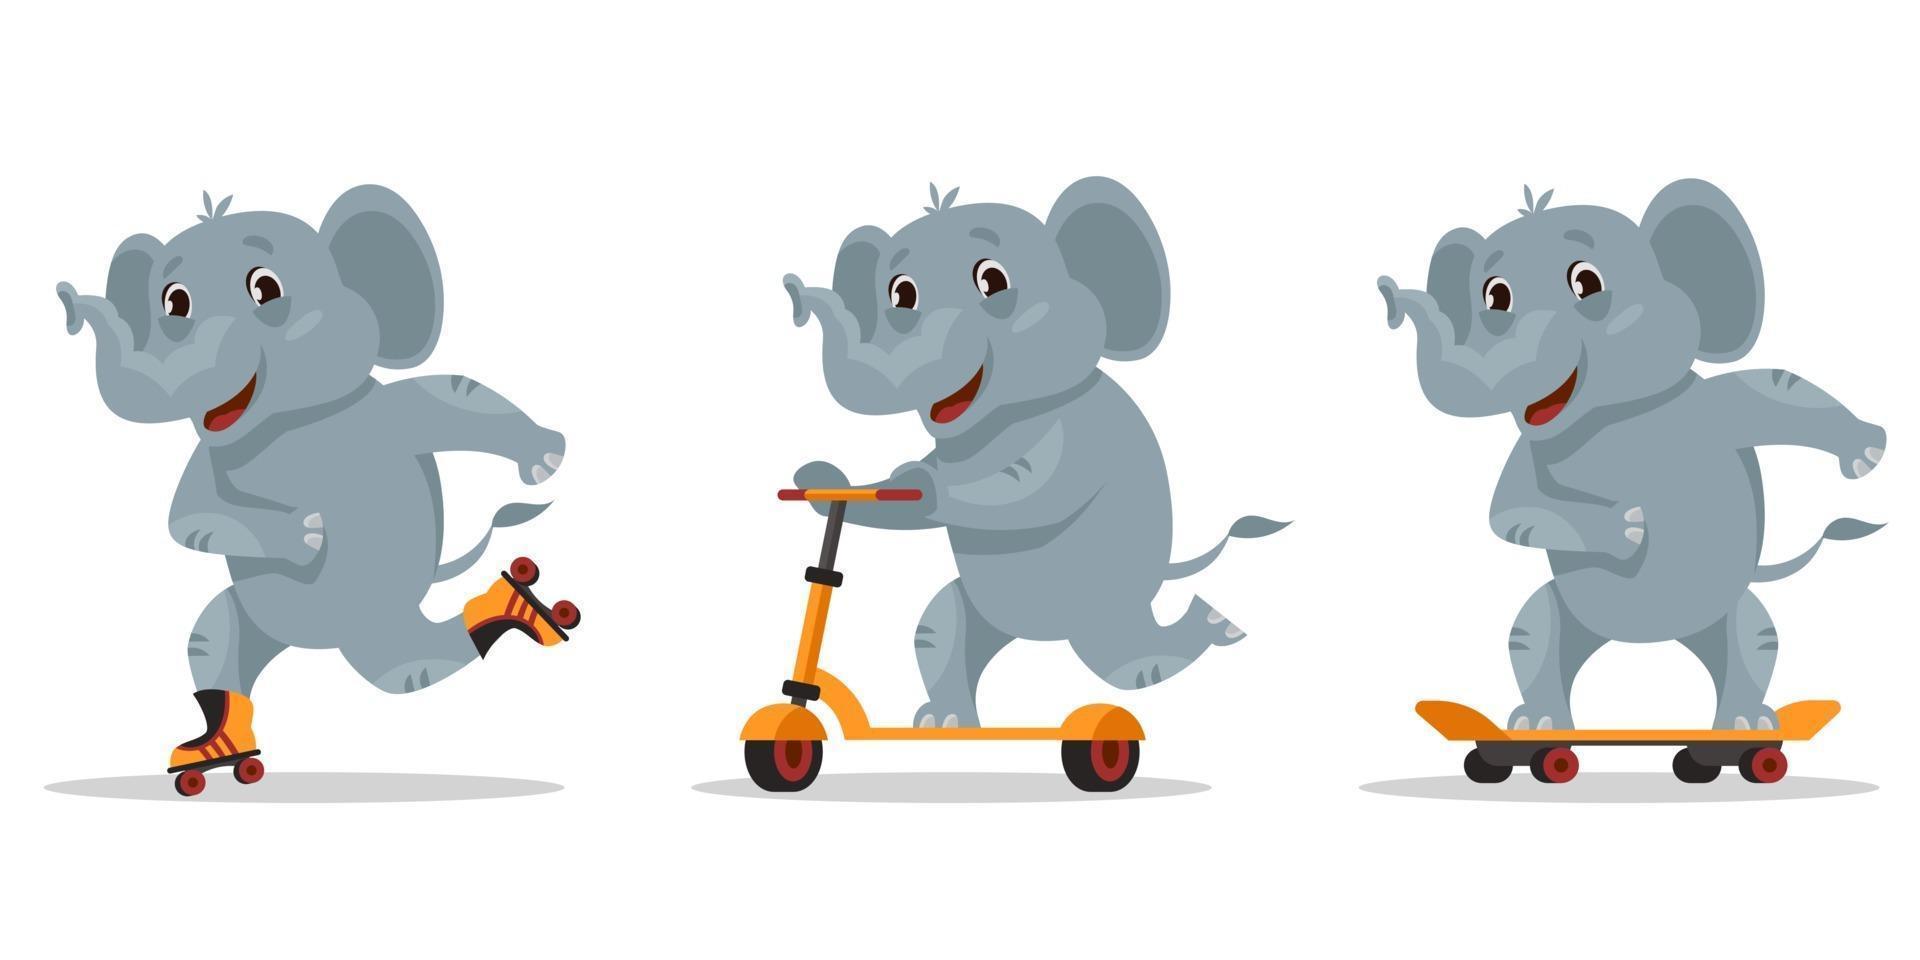 lustiger Cartoon-Elefant. Tierreiten auf Skateboard, Rollschuhen und Roller. vektor